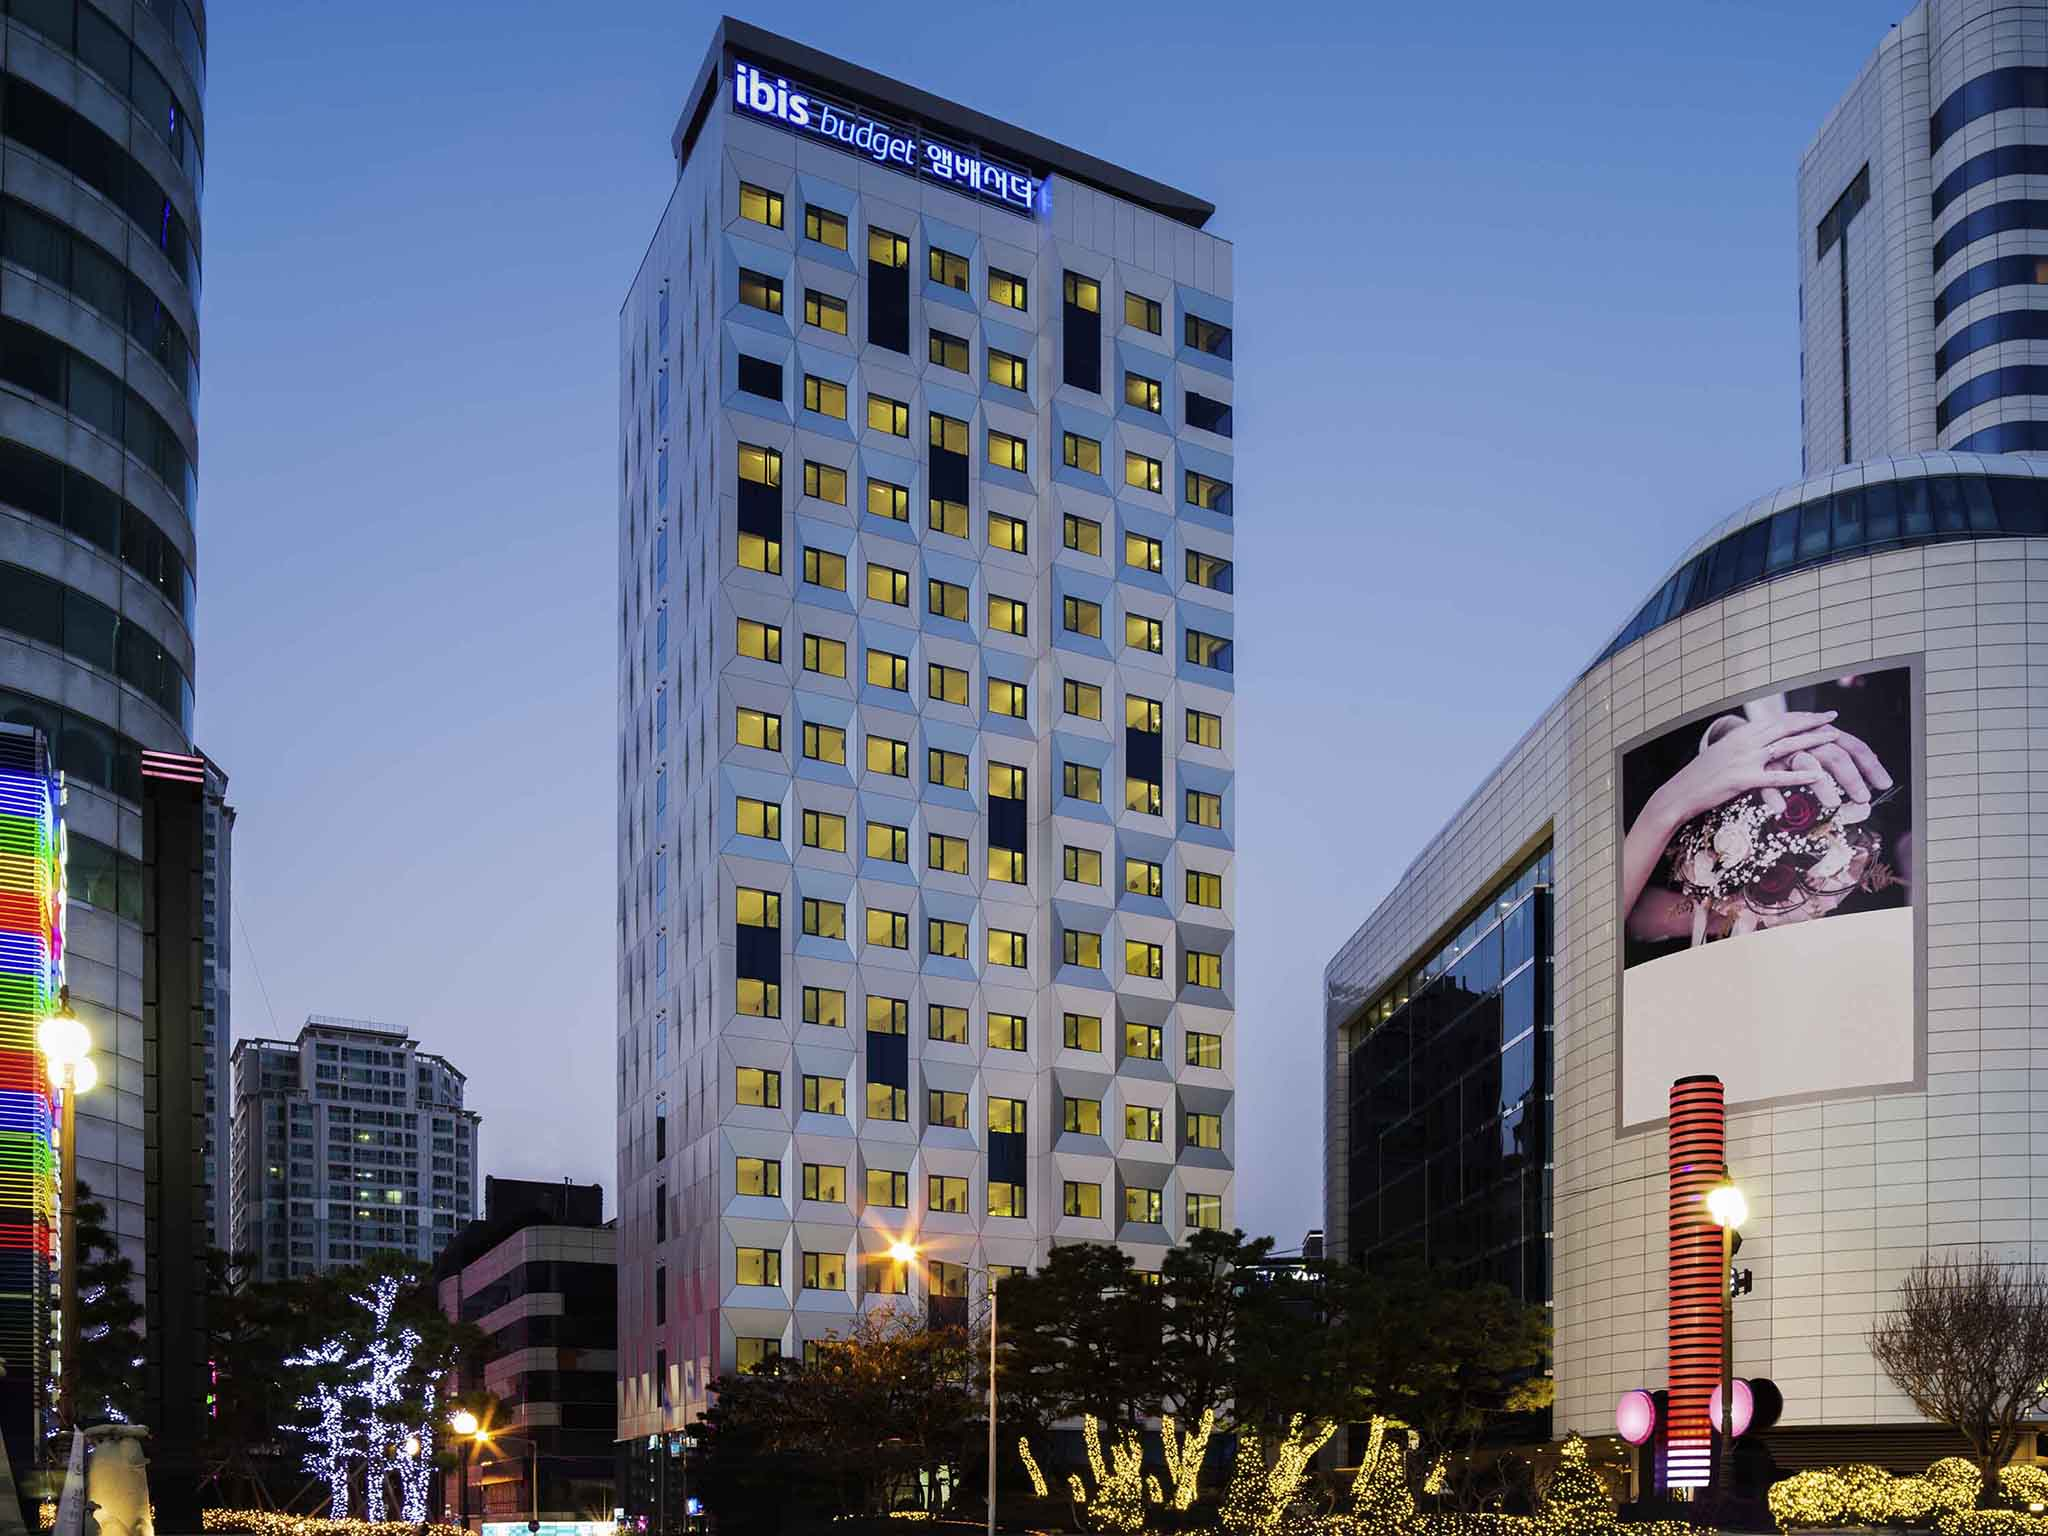 فندق - فندق إيبيس بدجت ibis budget أمباسادور بوسان هيونداي